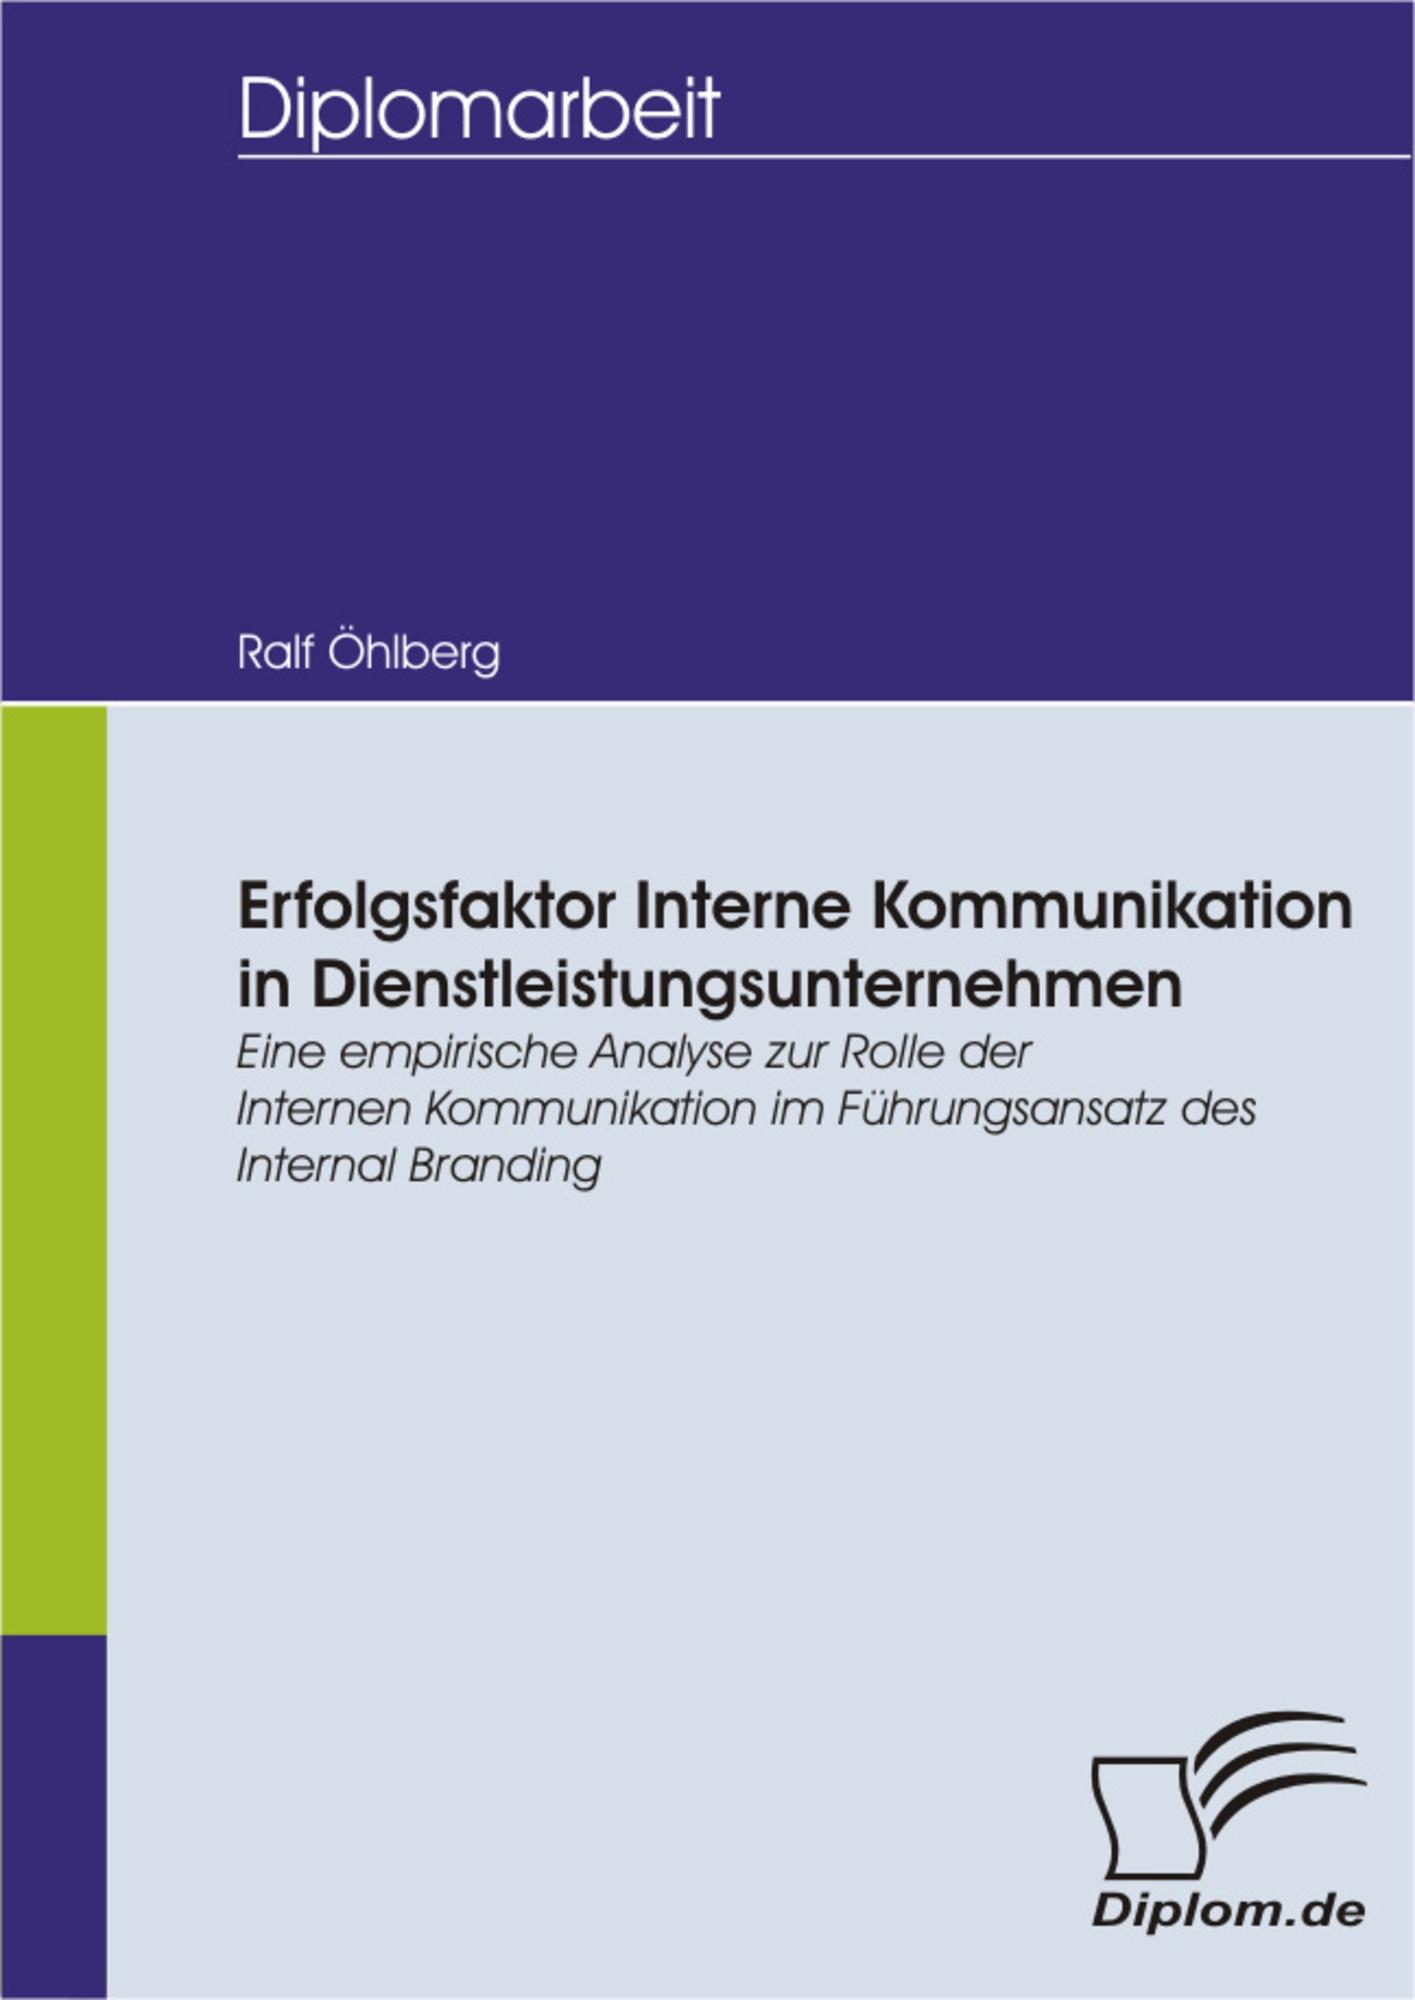 Erfolgsfaktor Interne Kommunikation in Dienstleistungsunternehmen